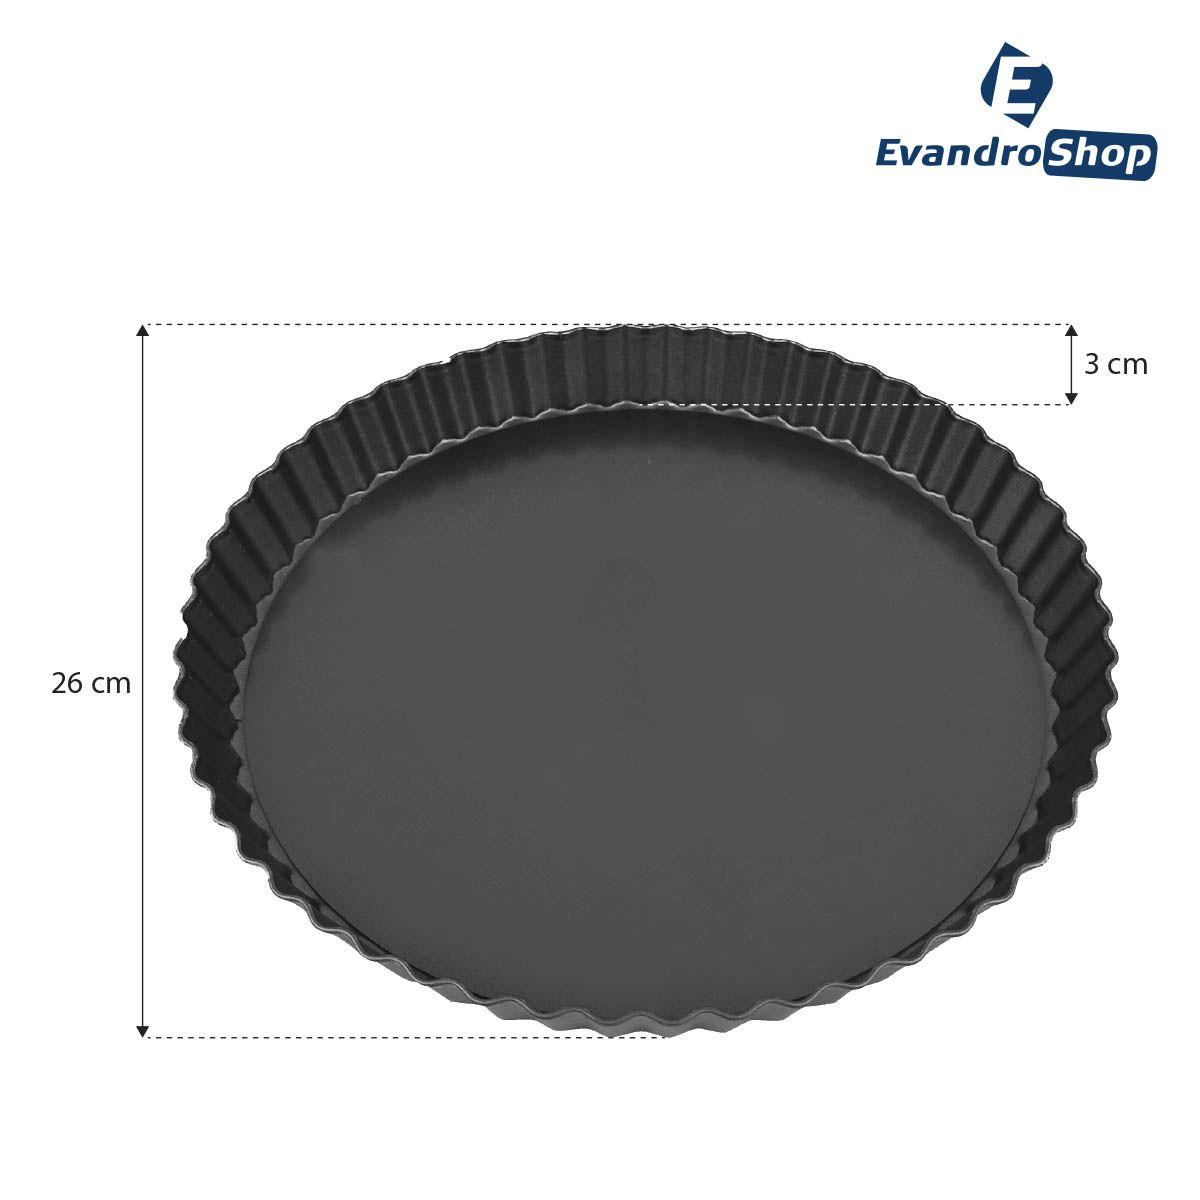 Forma De Torta Com Fundo Removível 26X3 Cm - Nipo